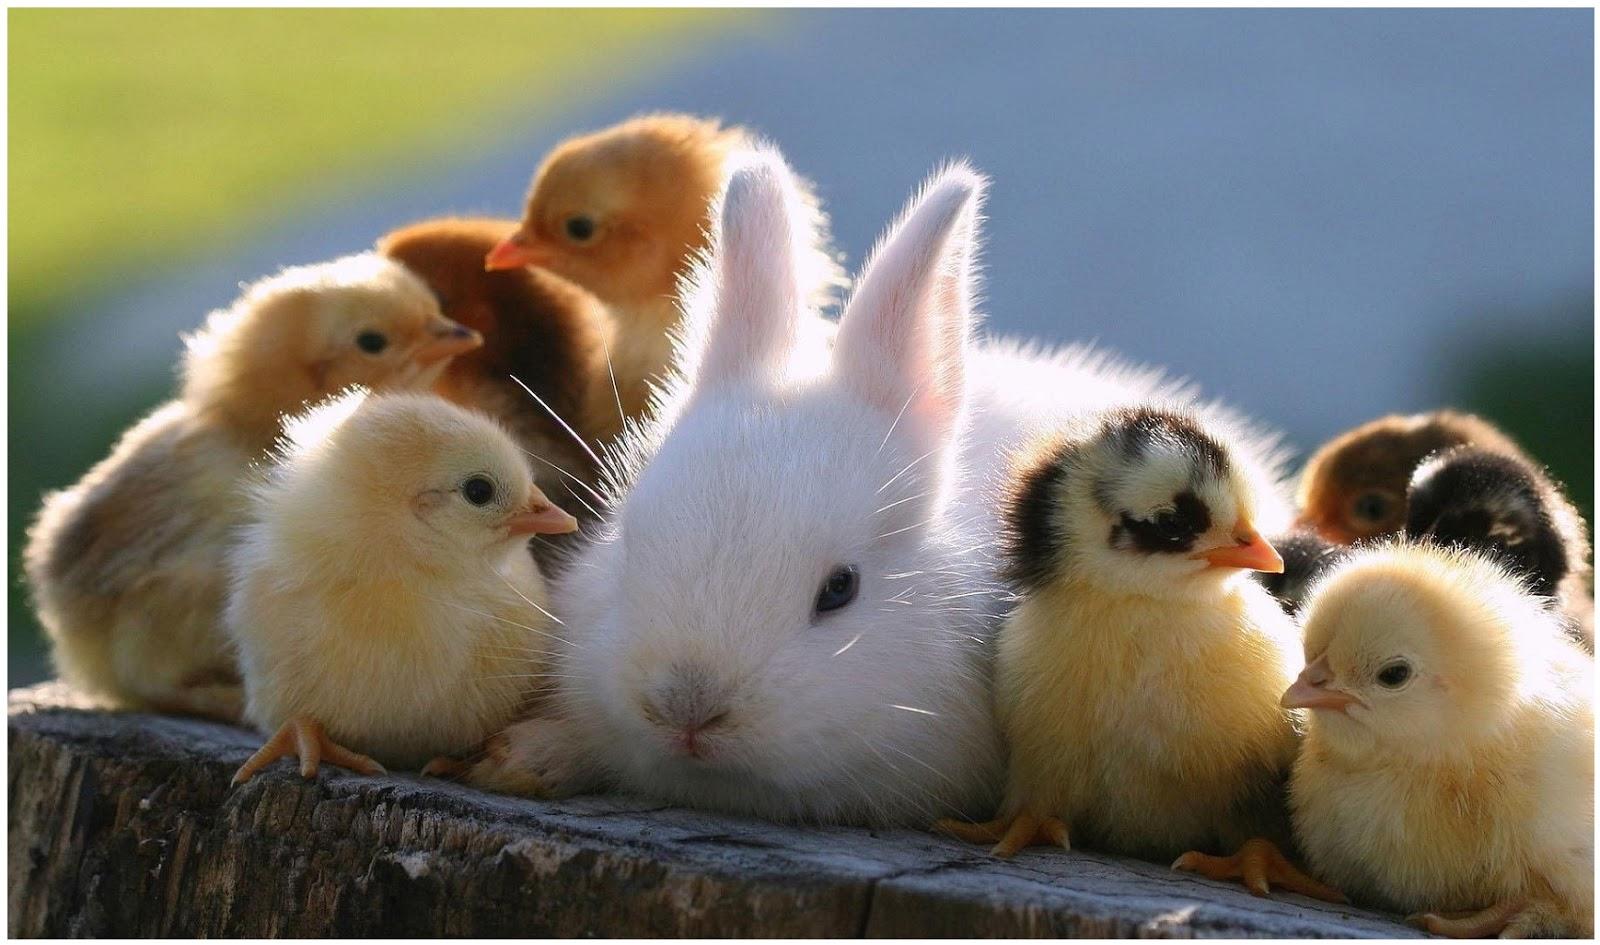 بالصور صور حيوانات مضحكة , صور كوميكسات حيوانات كوميدي 4447 7